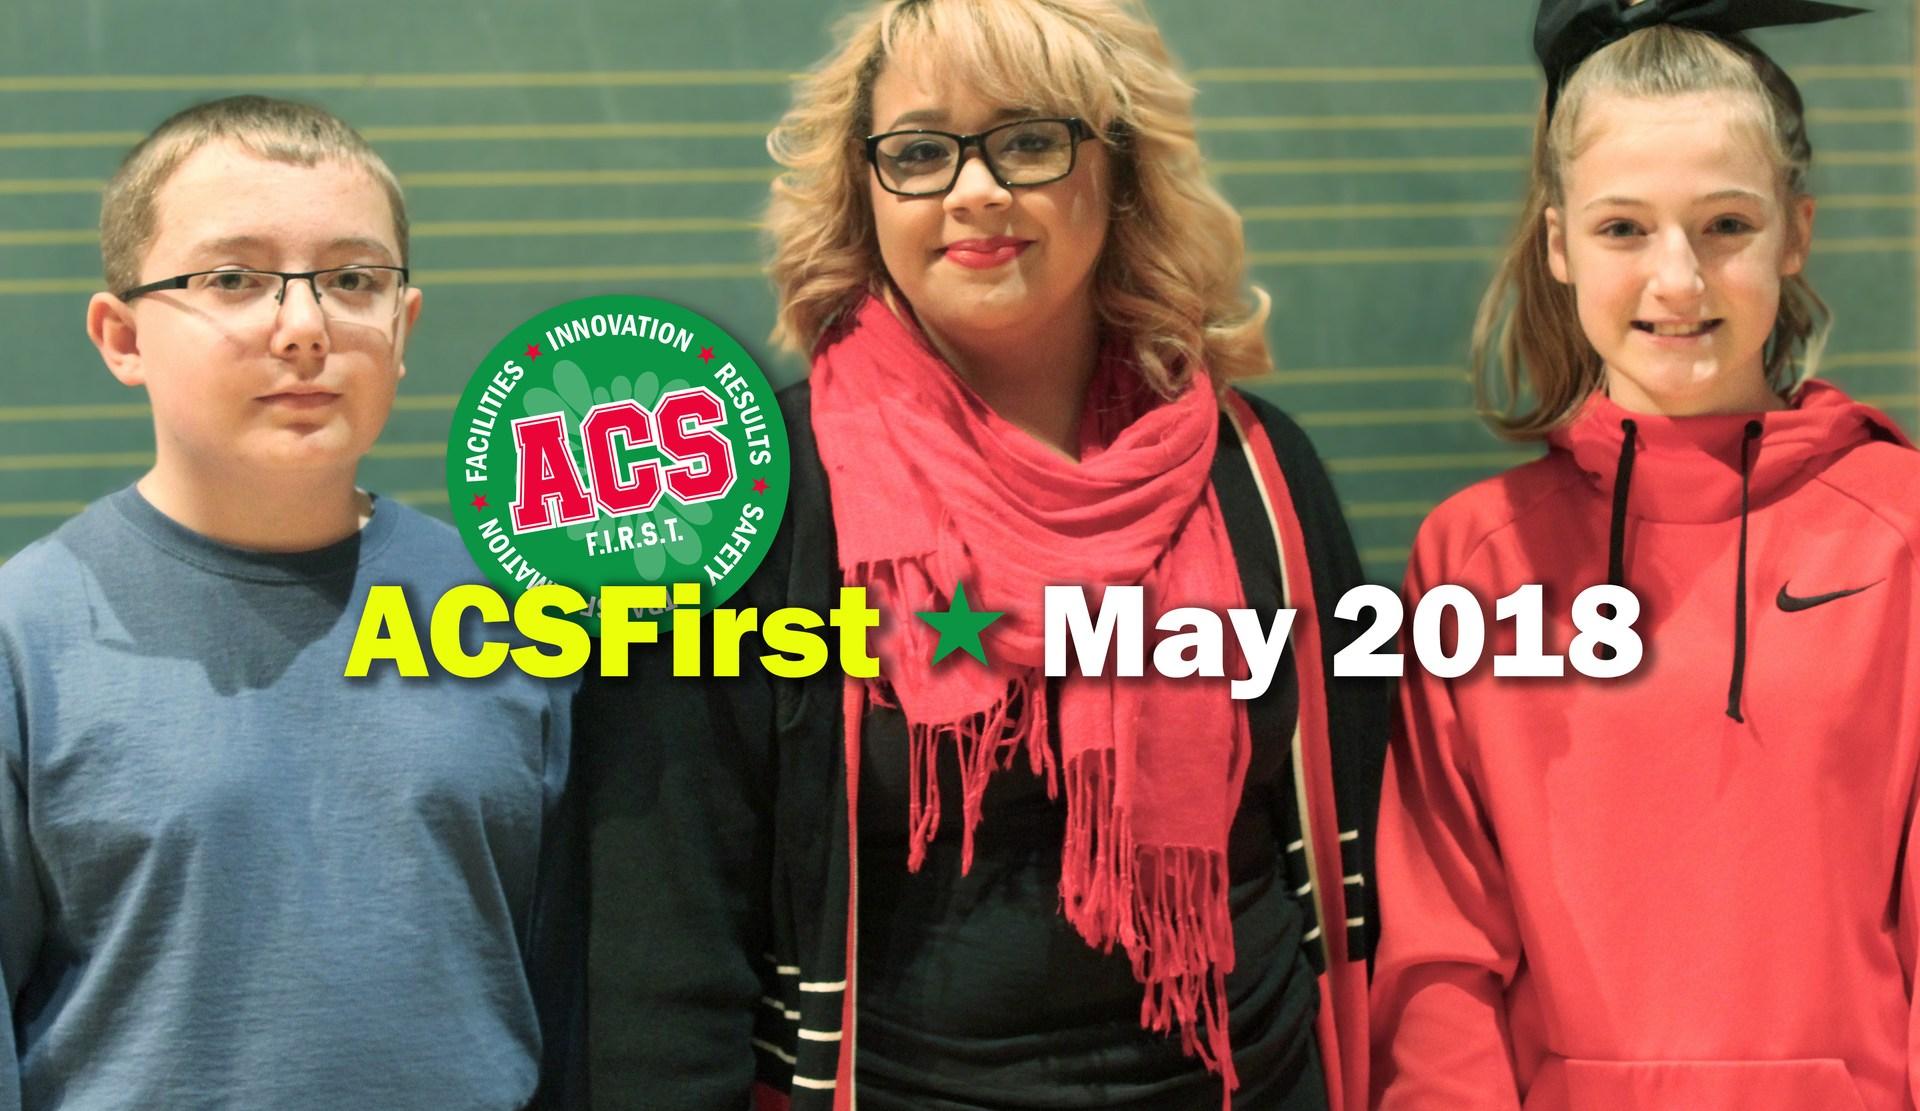 3 ACSC students